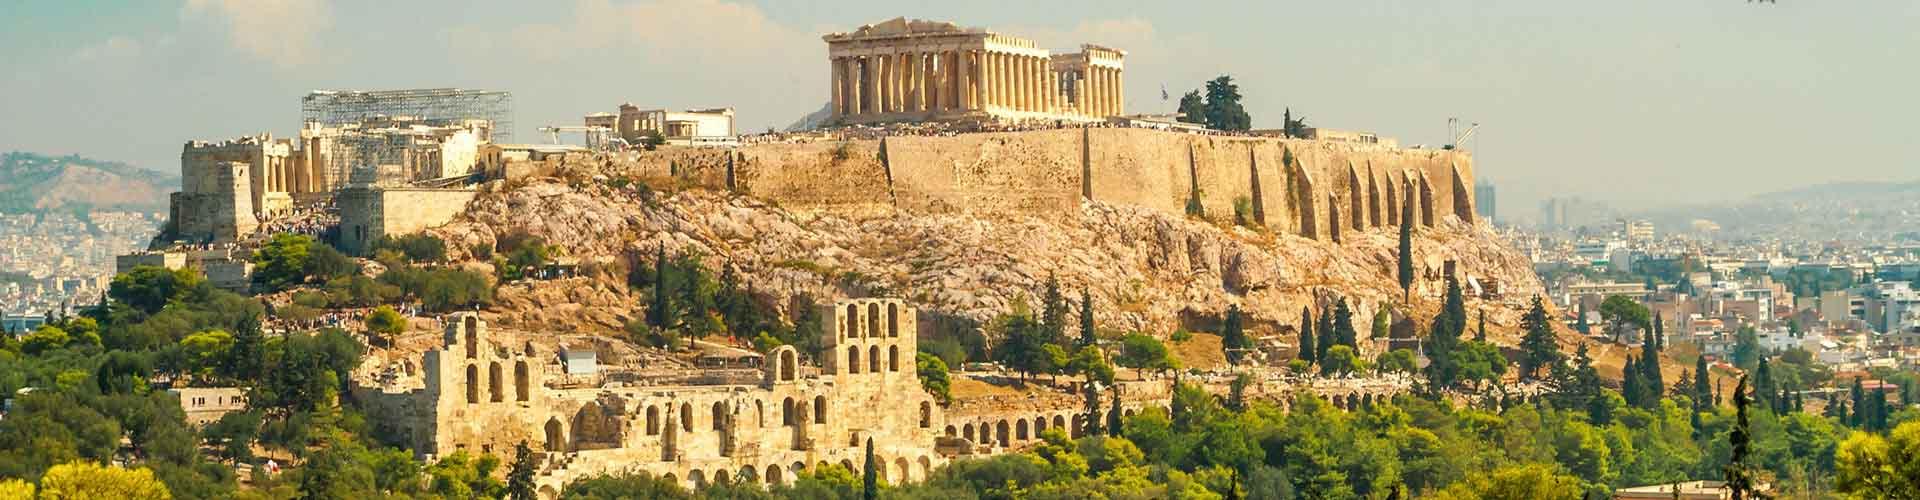 アテネ – ホステル アテネ. 地図 アテネ, すべてのホステルの写真とレビュー アテネ.